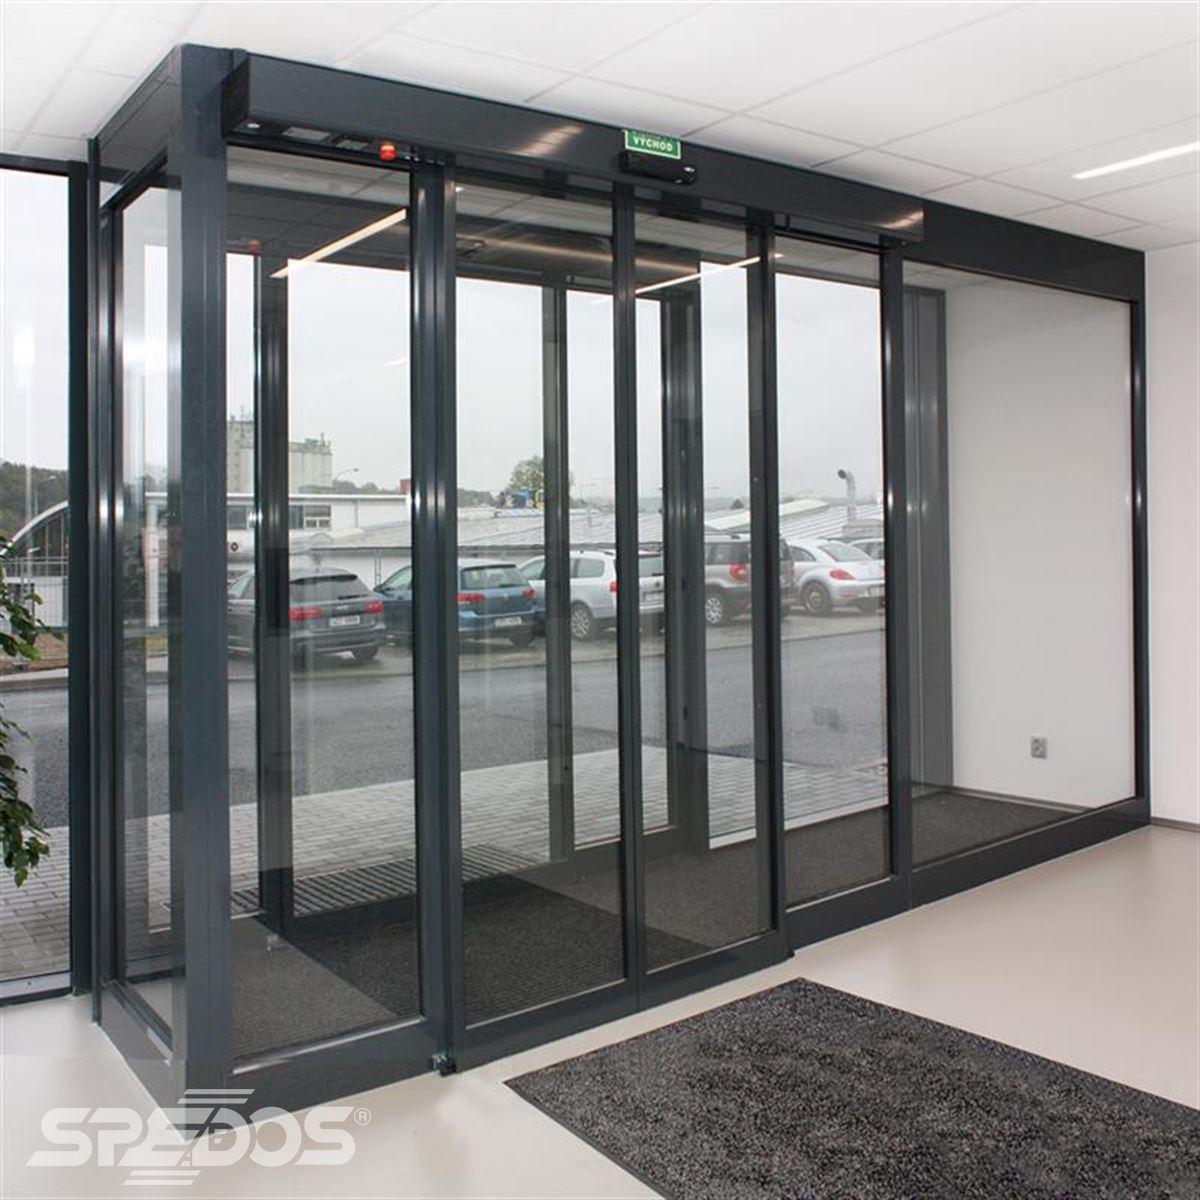 Moderní hliníková konstrukce automatických dveří